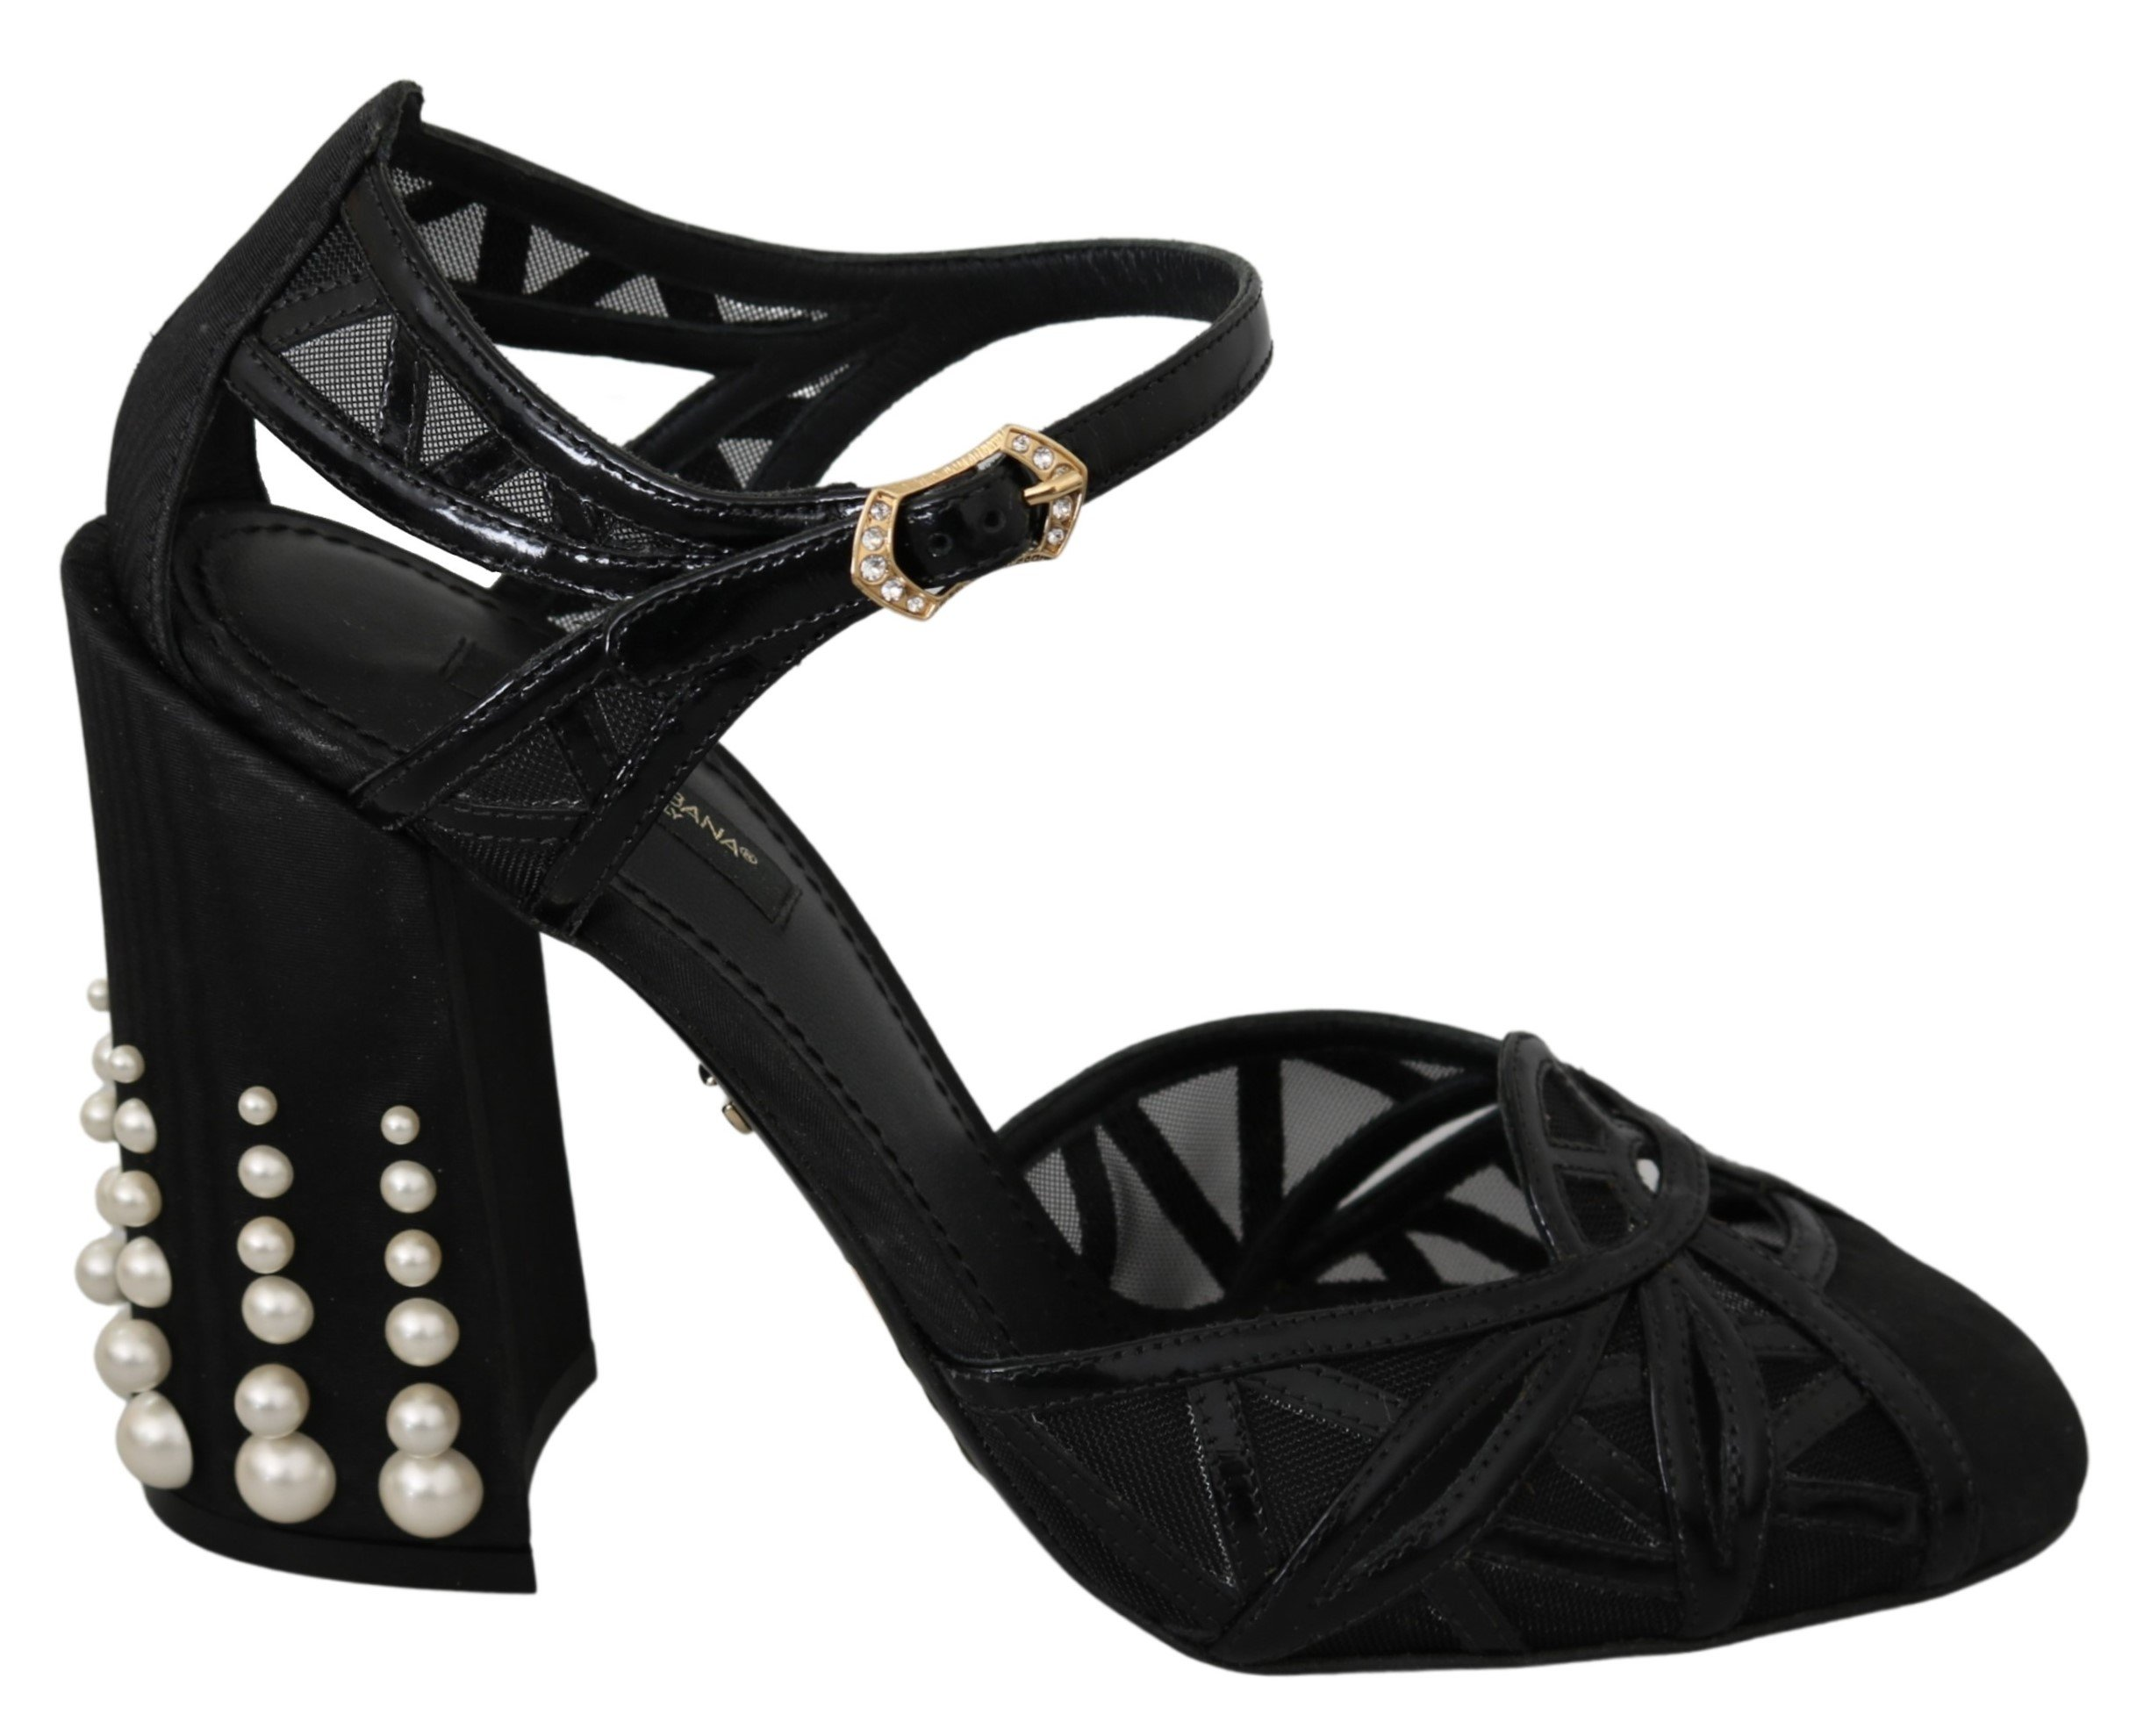 Dolce & Gabbana Women's Leather Strap Sandal Black LA6842 - EU39/US8.5